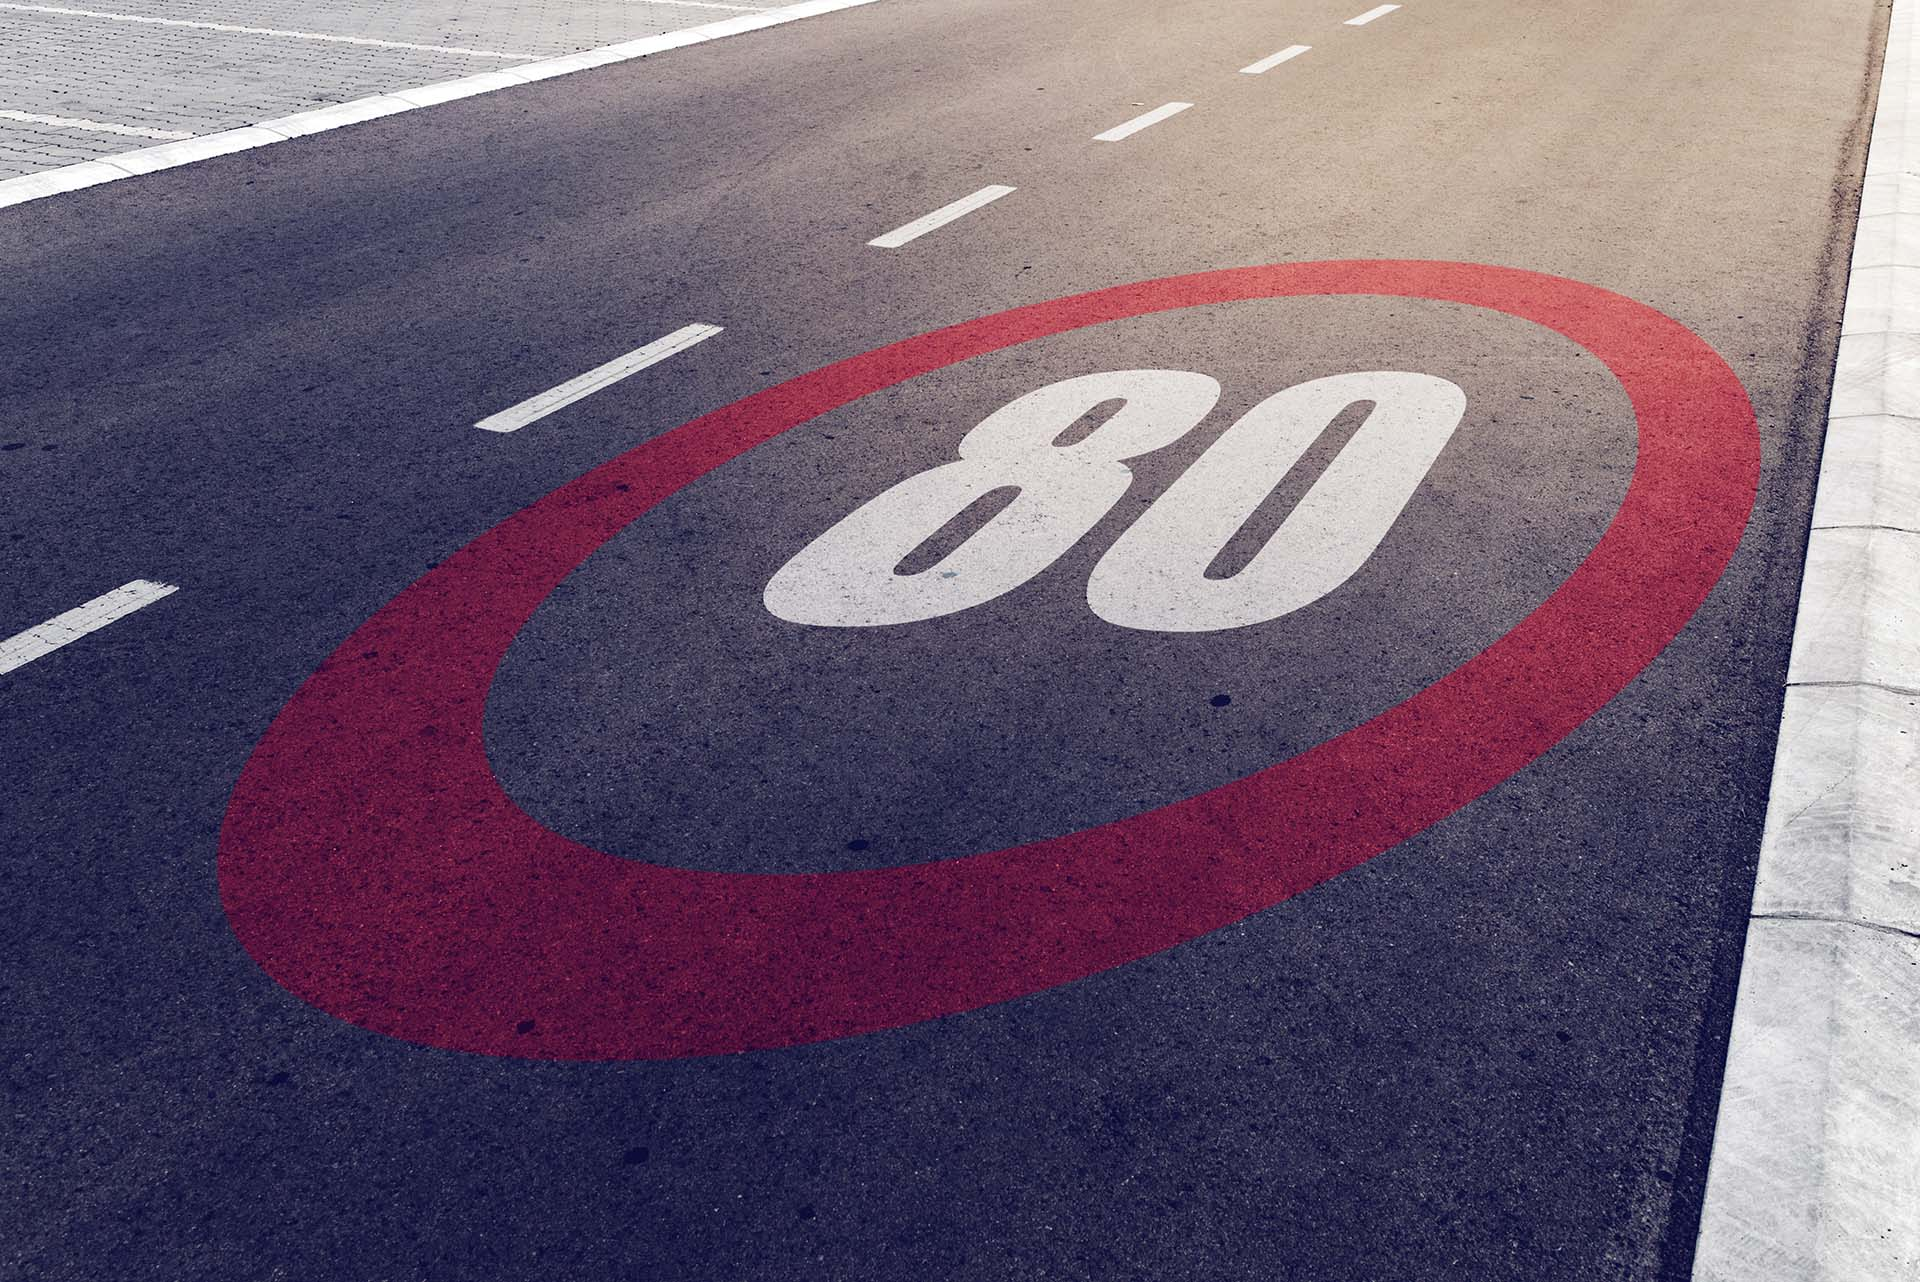 Fin des portions à 80 km/h : retour à 90 km/h sur le réseau secondaire ?